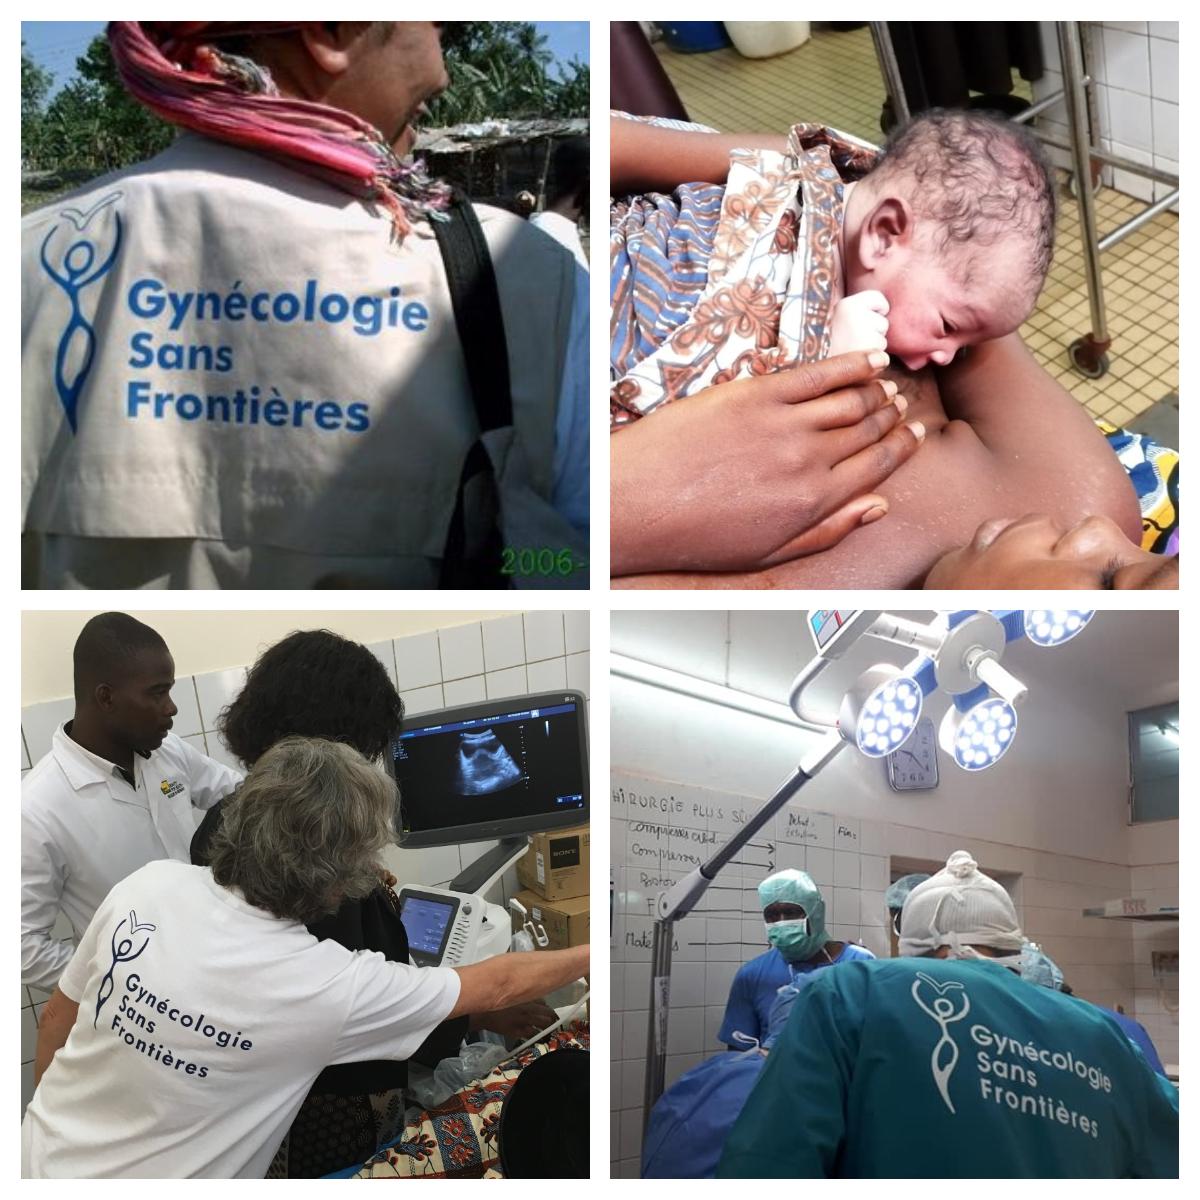 Assemblée Générale annuelle : un nouveau Conseil d'Administration pour Gynécologie Sans Frontières